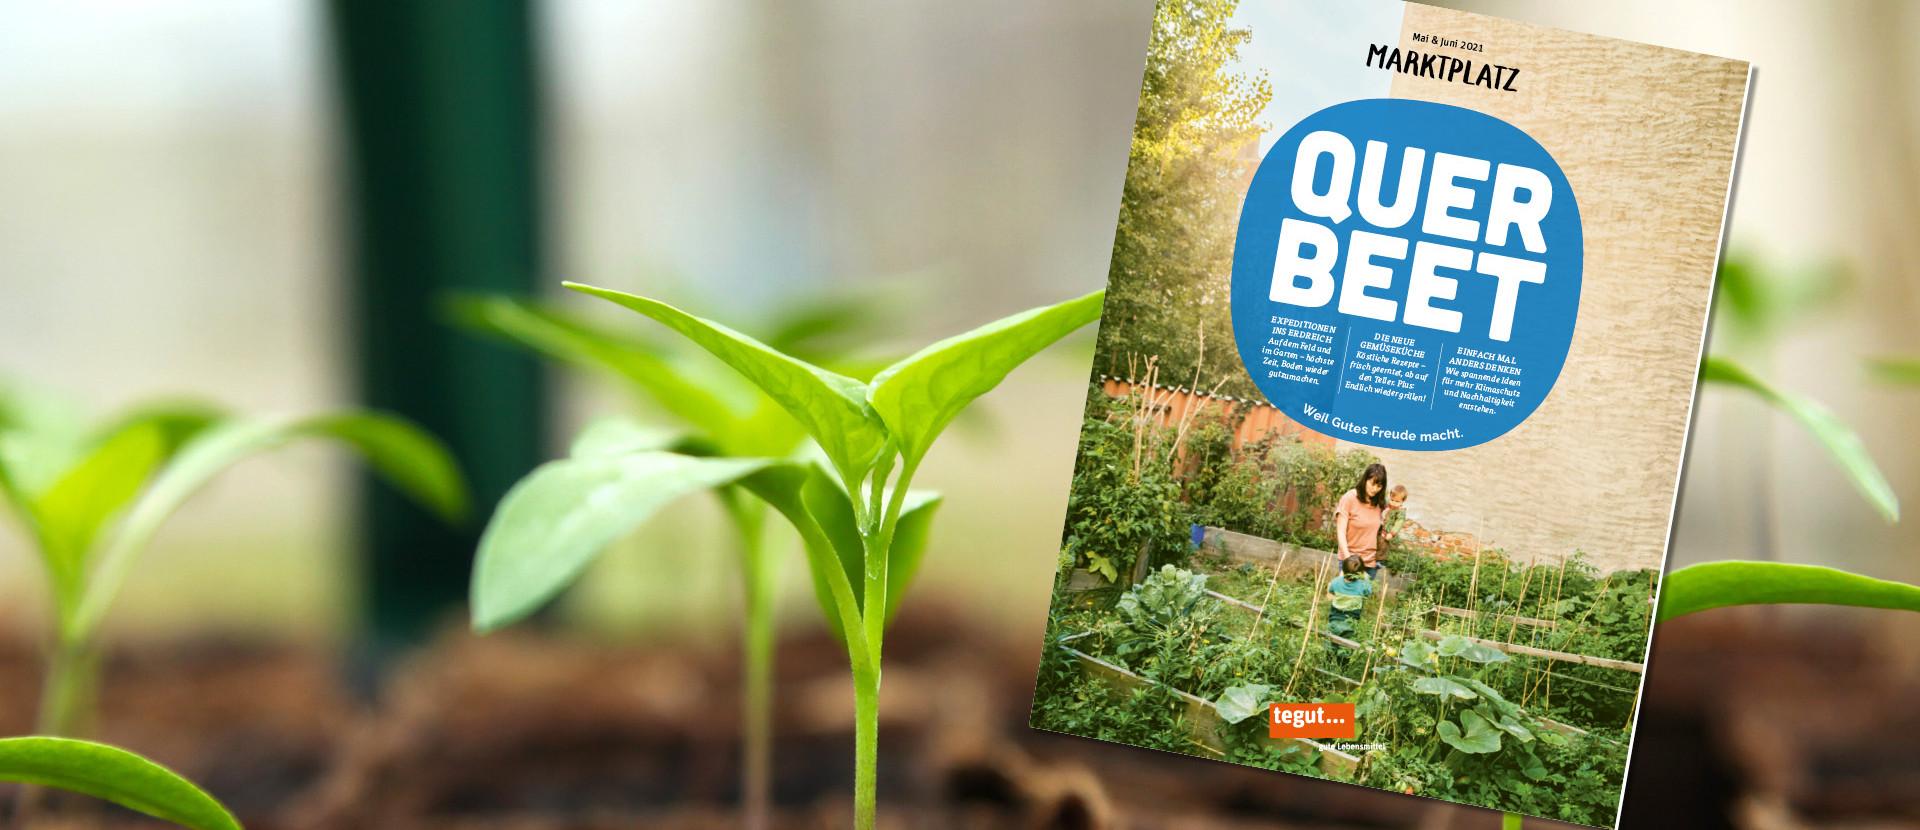 Titel des tegut Kundenmagazin Mai Juni 2021 zwischen Pflanzen